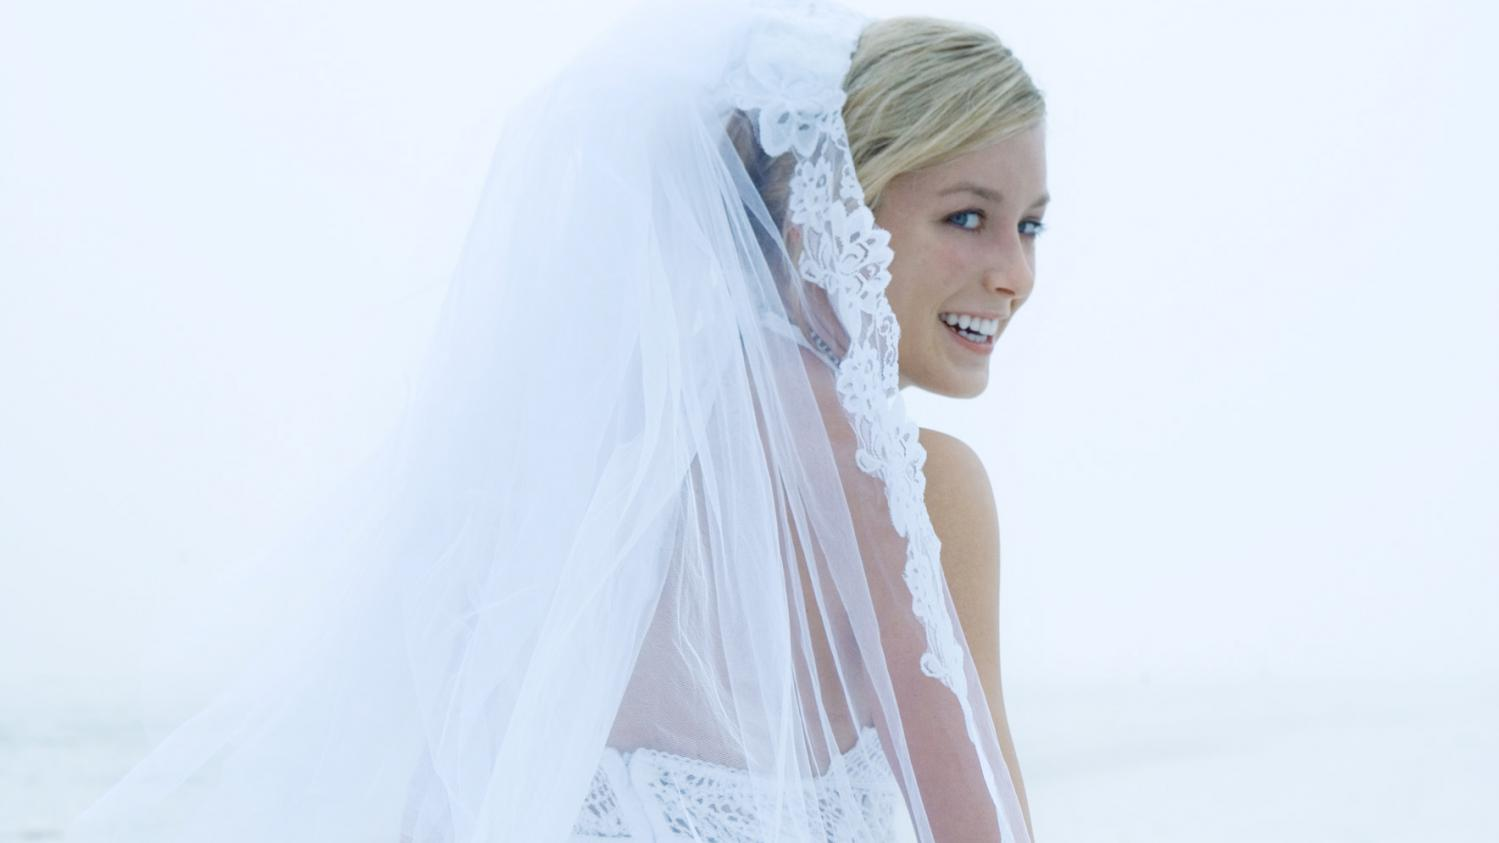 Les pourquoi pourquoi la mari e est elle toujours en blanc - Noelle breham est elle mariee ...